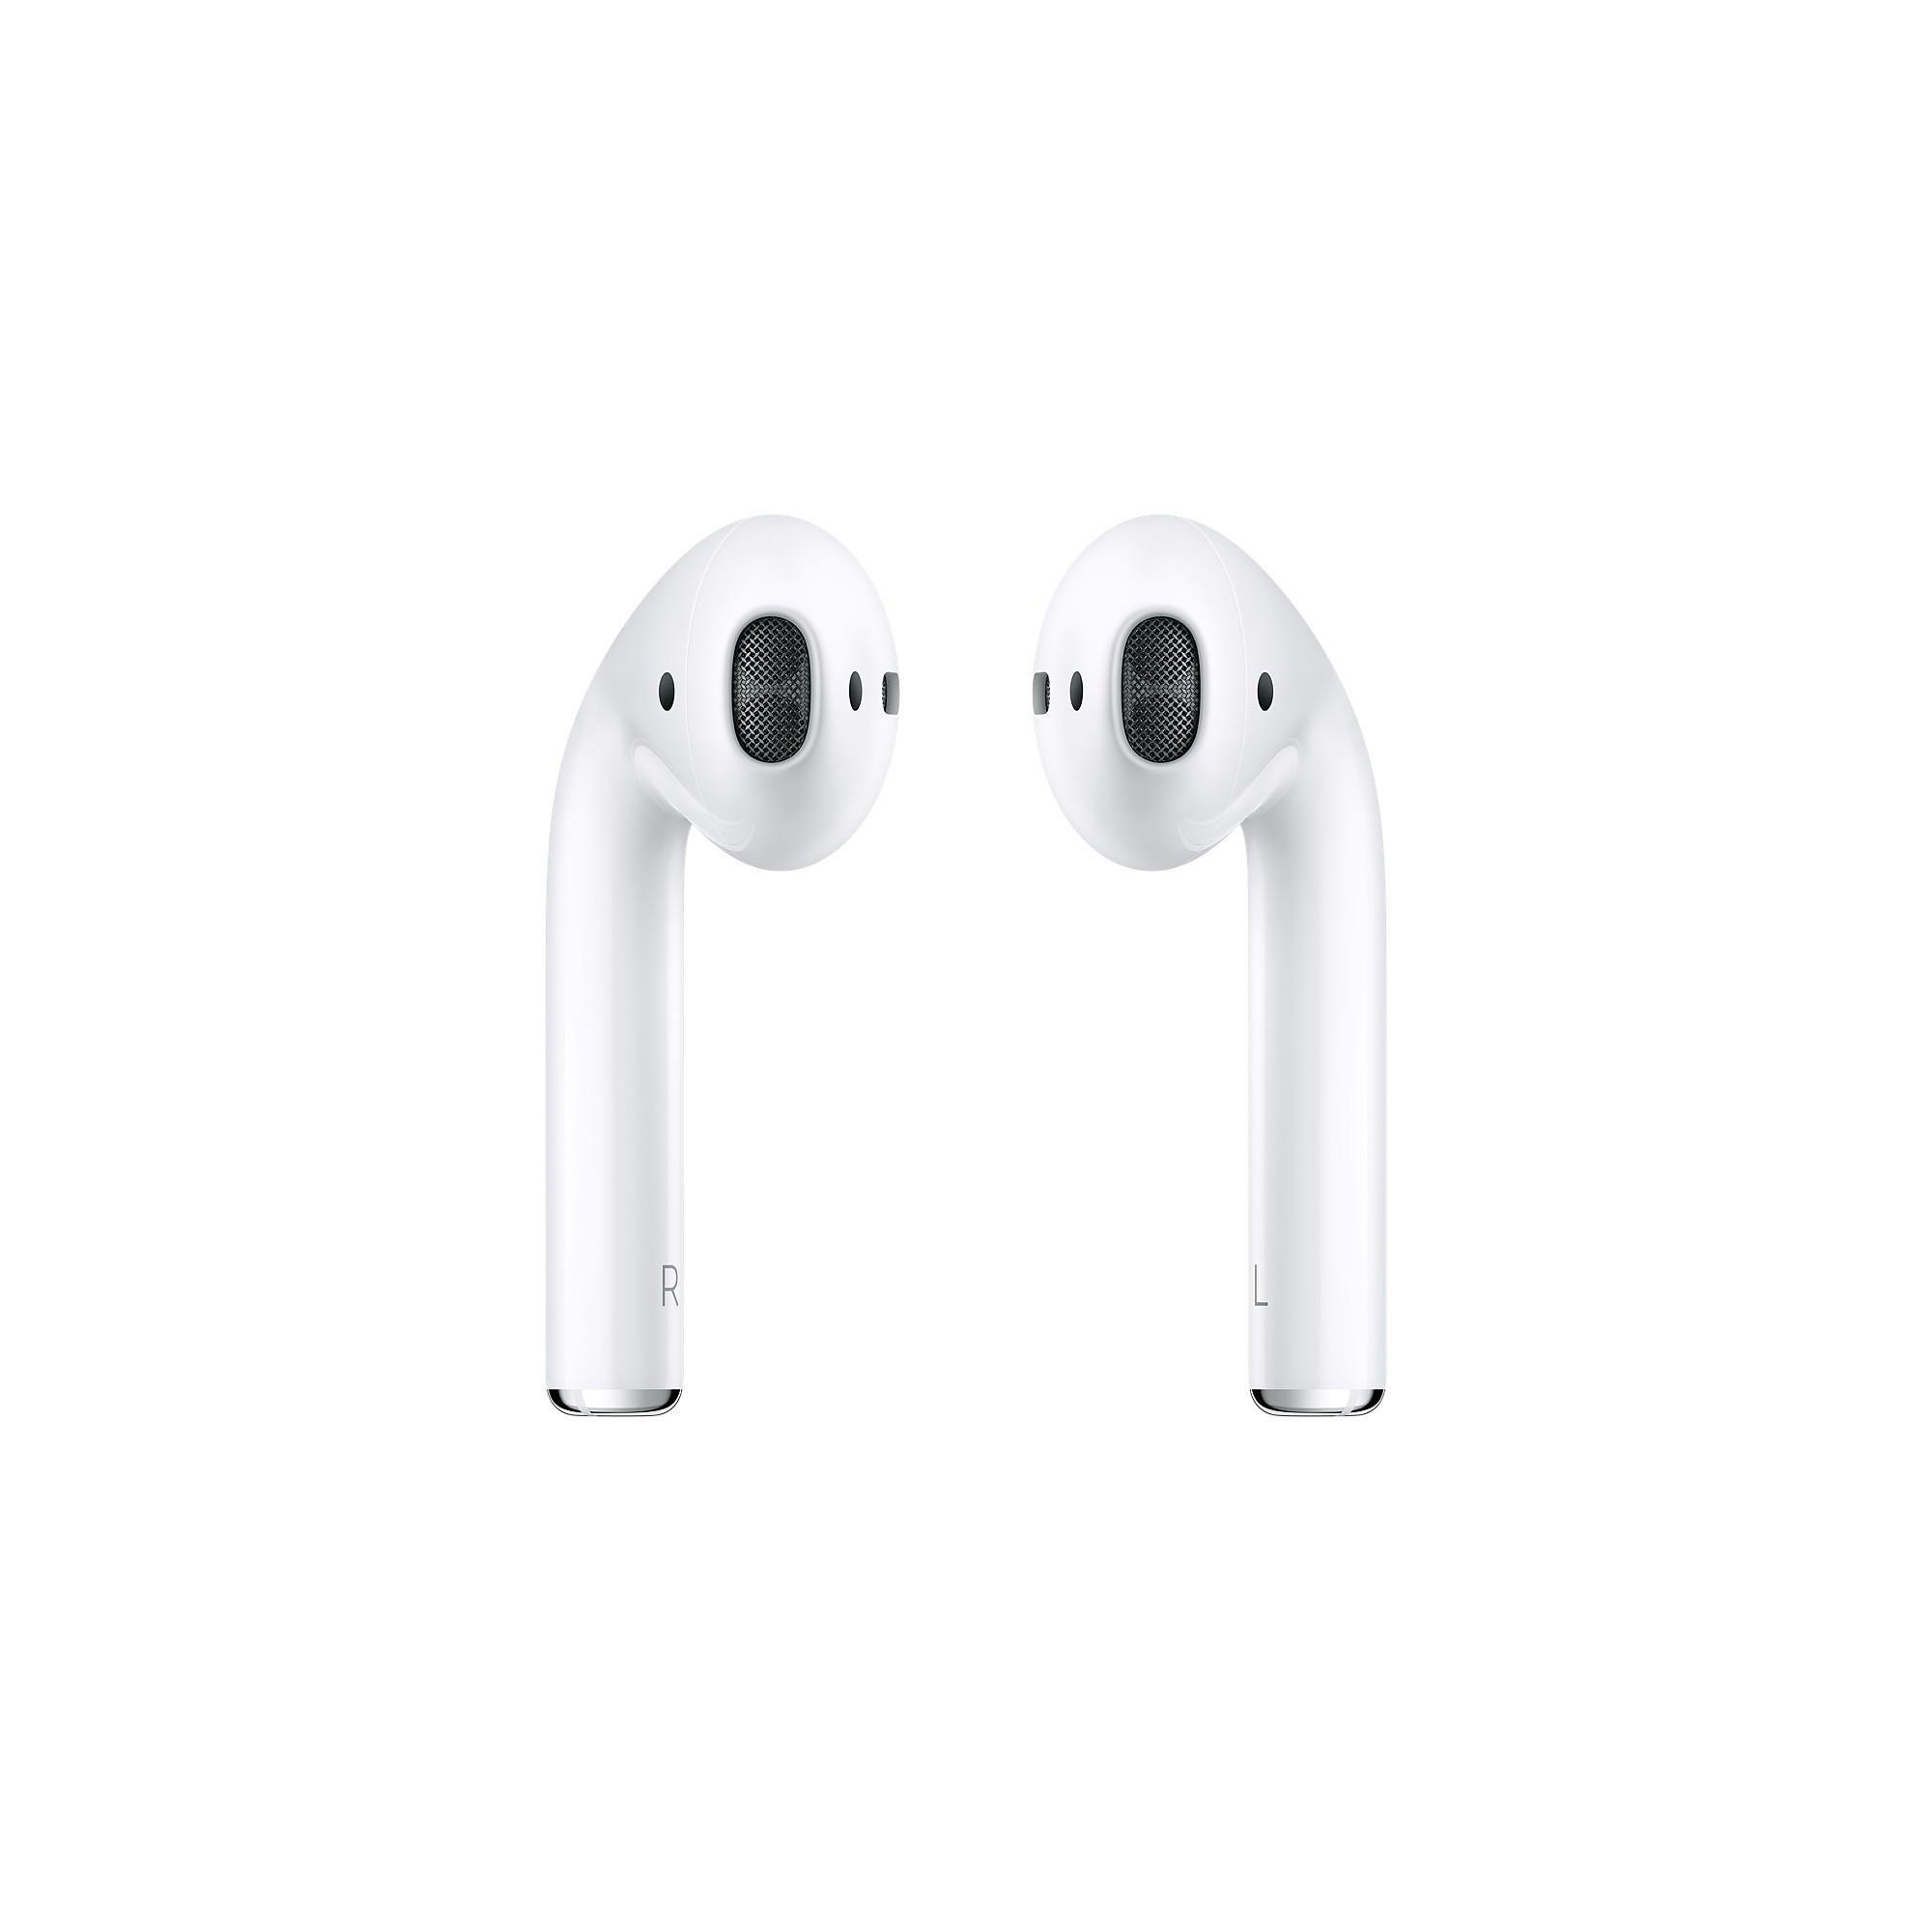 Apple AirPods - bezdrôtové slúchadlá